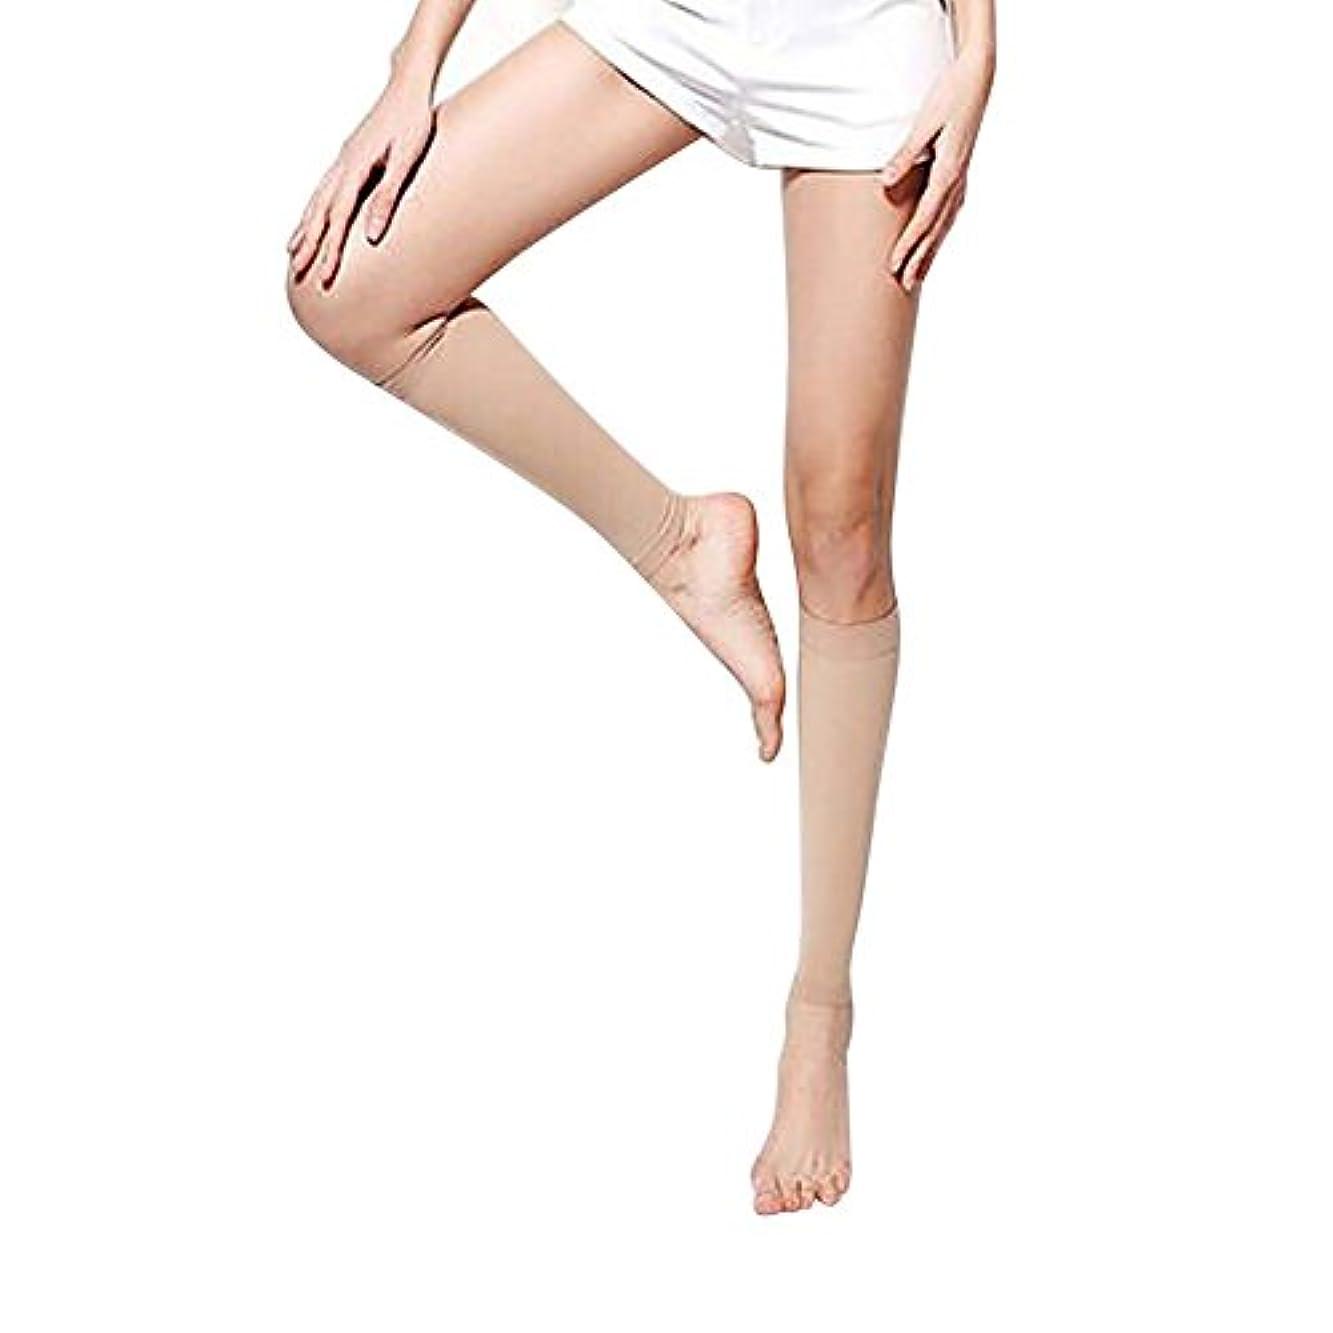 素子きちんとしたノベルティkasit 美脚ふくらはぎソックス 着圧ソックス 脂肪燃焼で脛ほっそり ショート